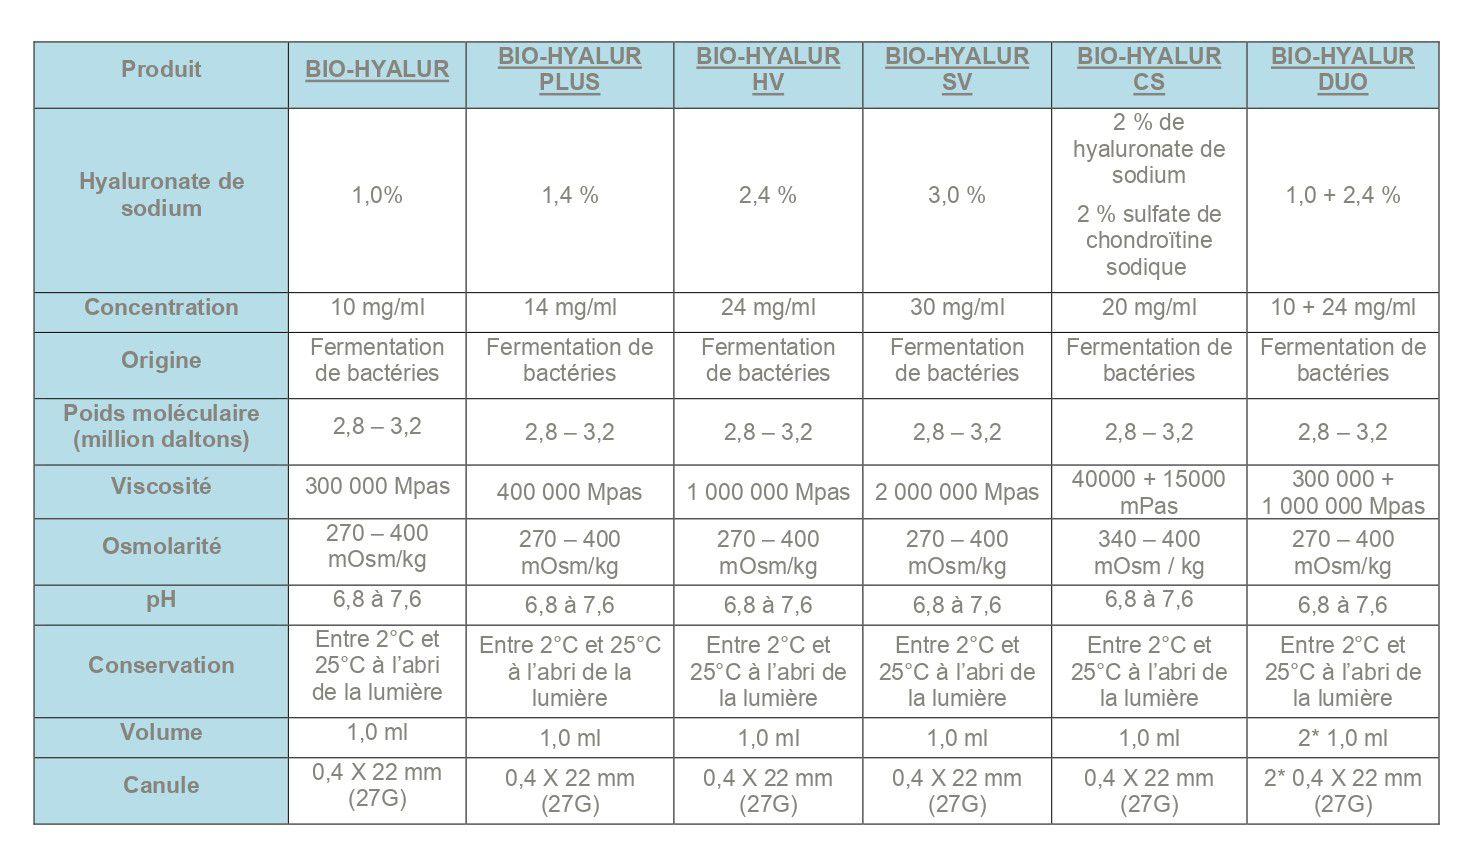 Tableau des données techniques de la gamme Bio Hyalur